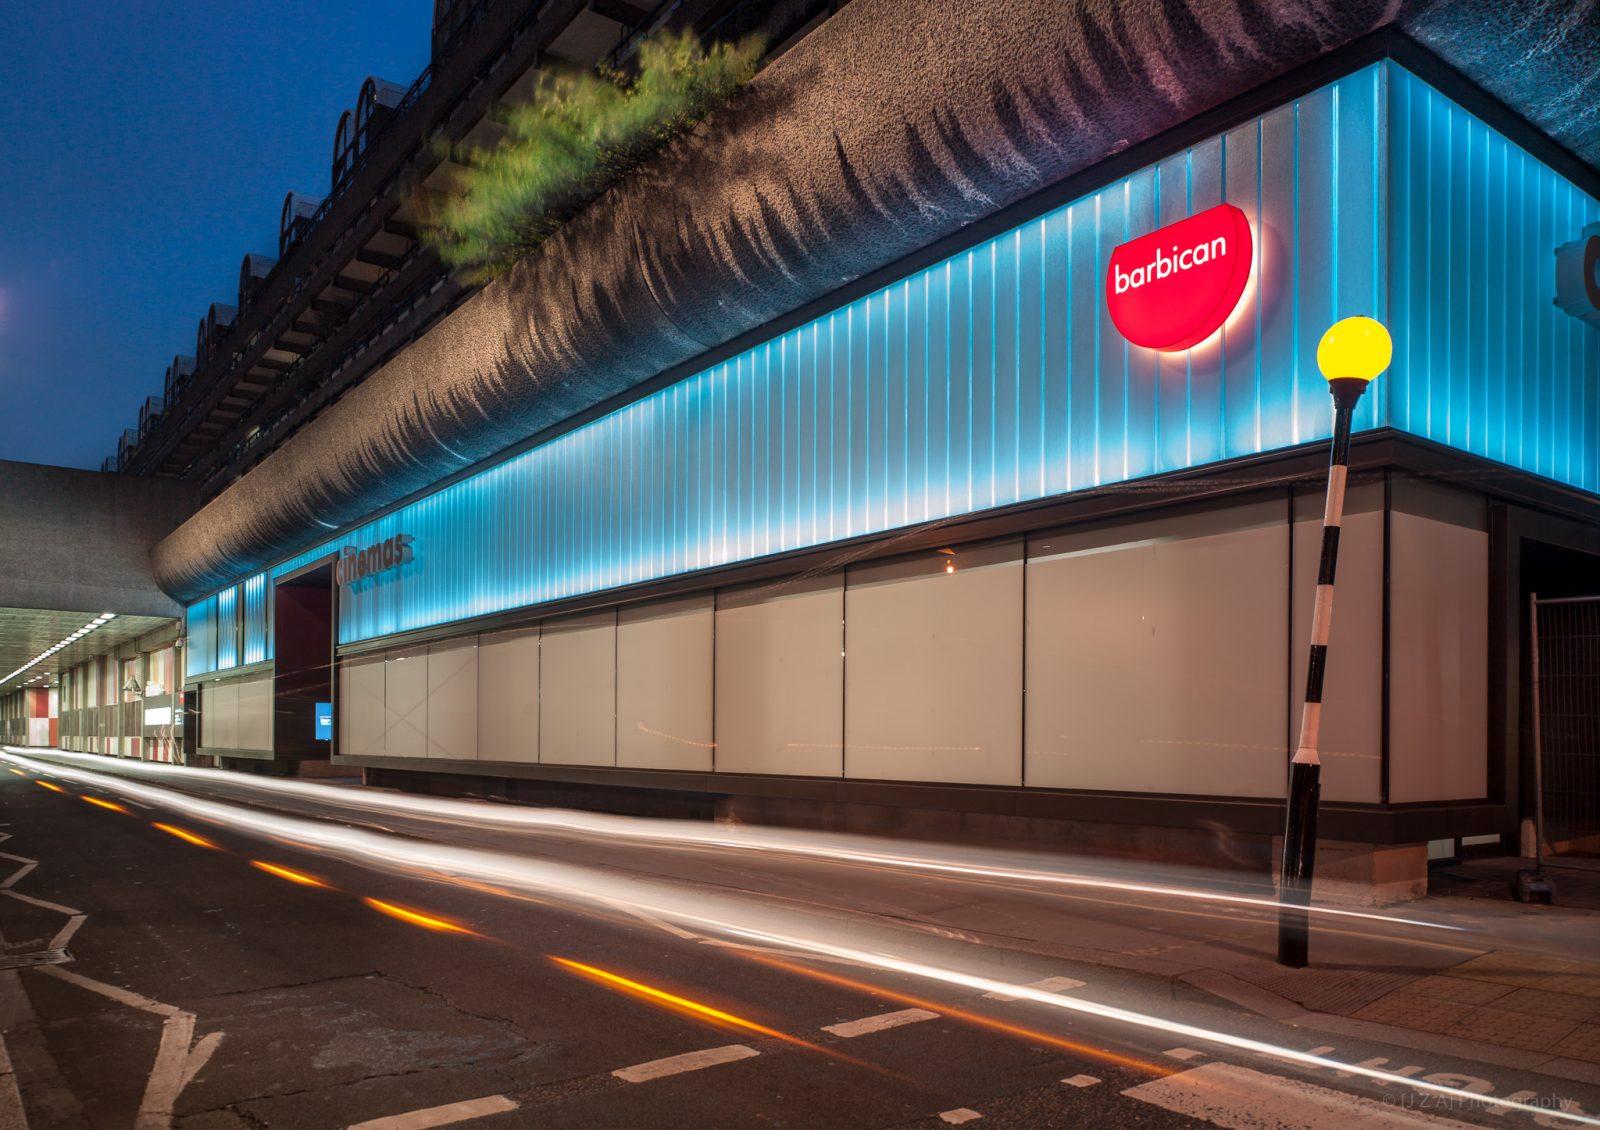 Barbican Cinemas